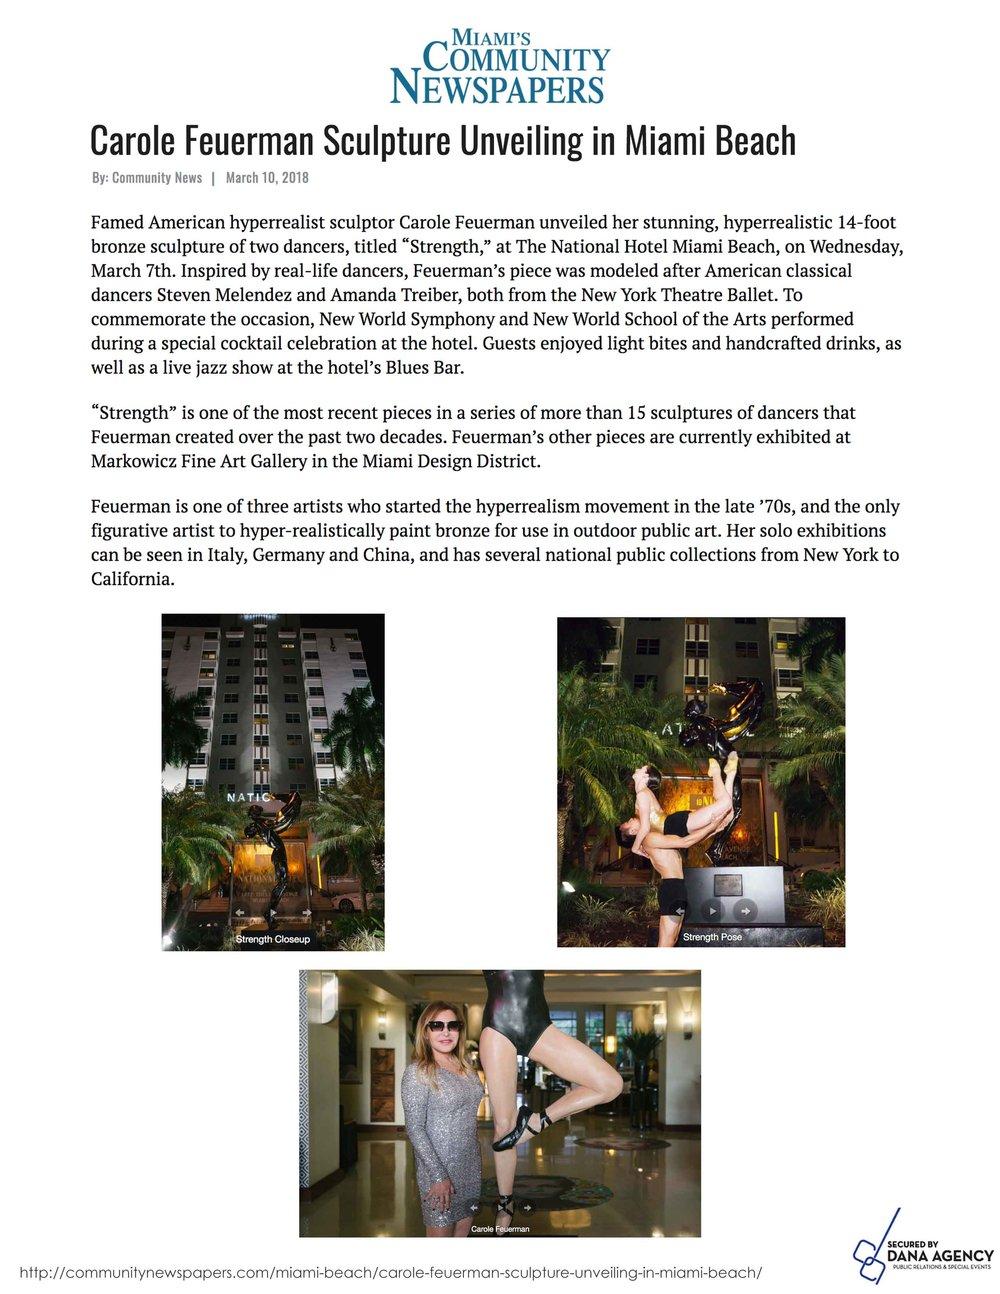 Carole Feuerman Sculpture Unveiling in Miami Beach